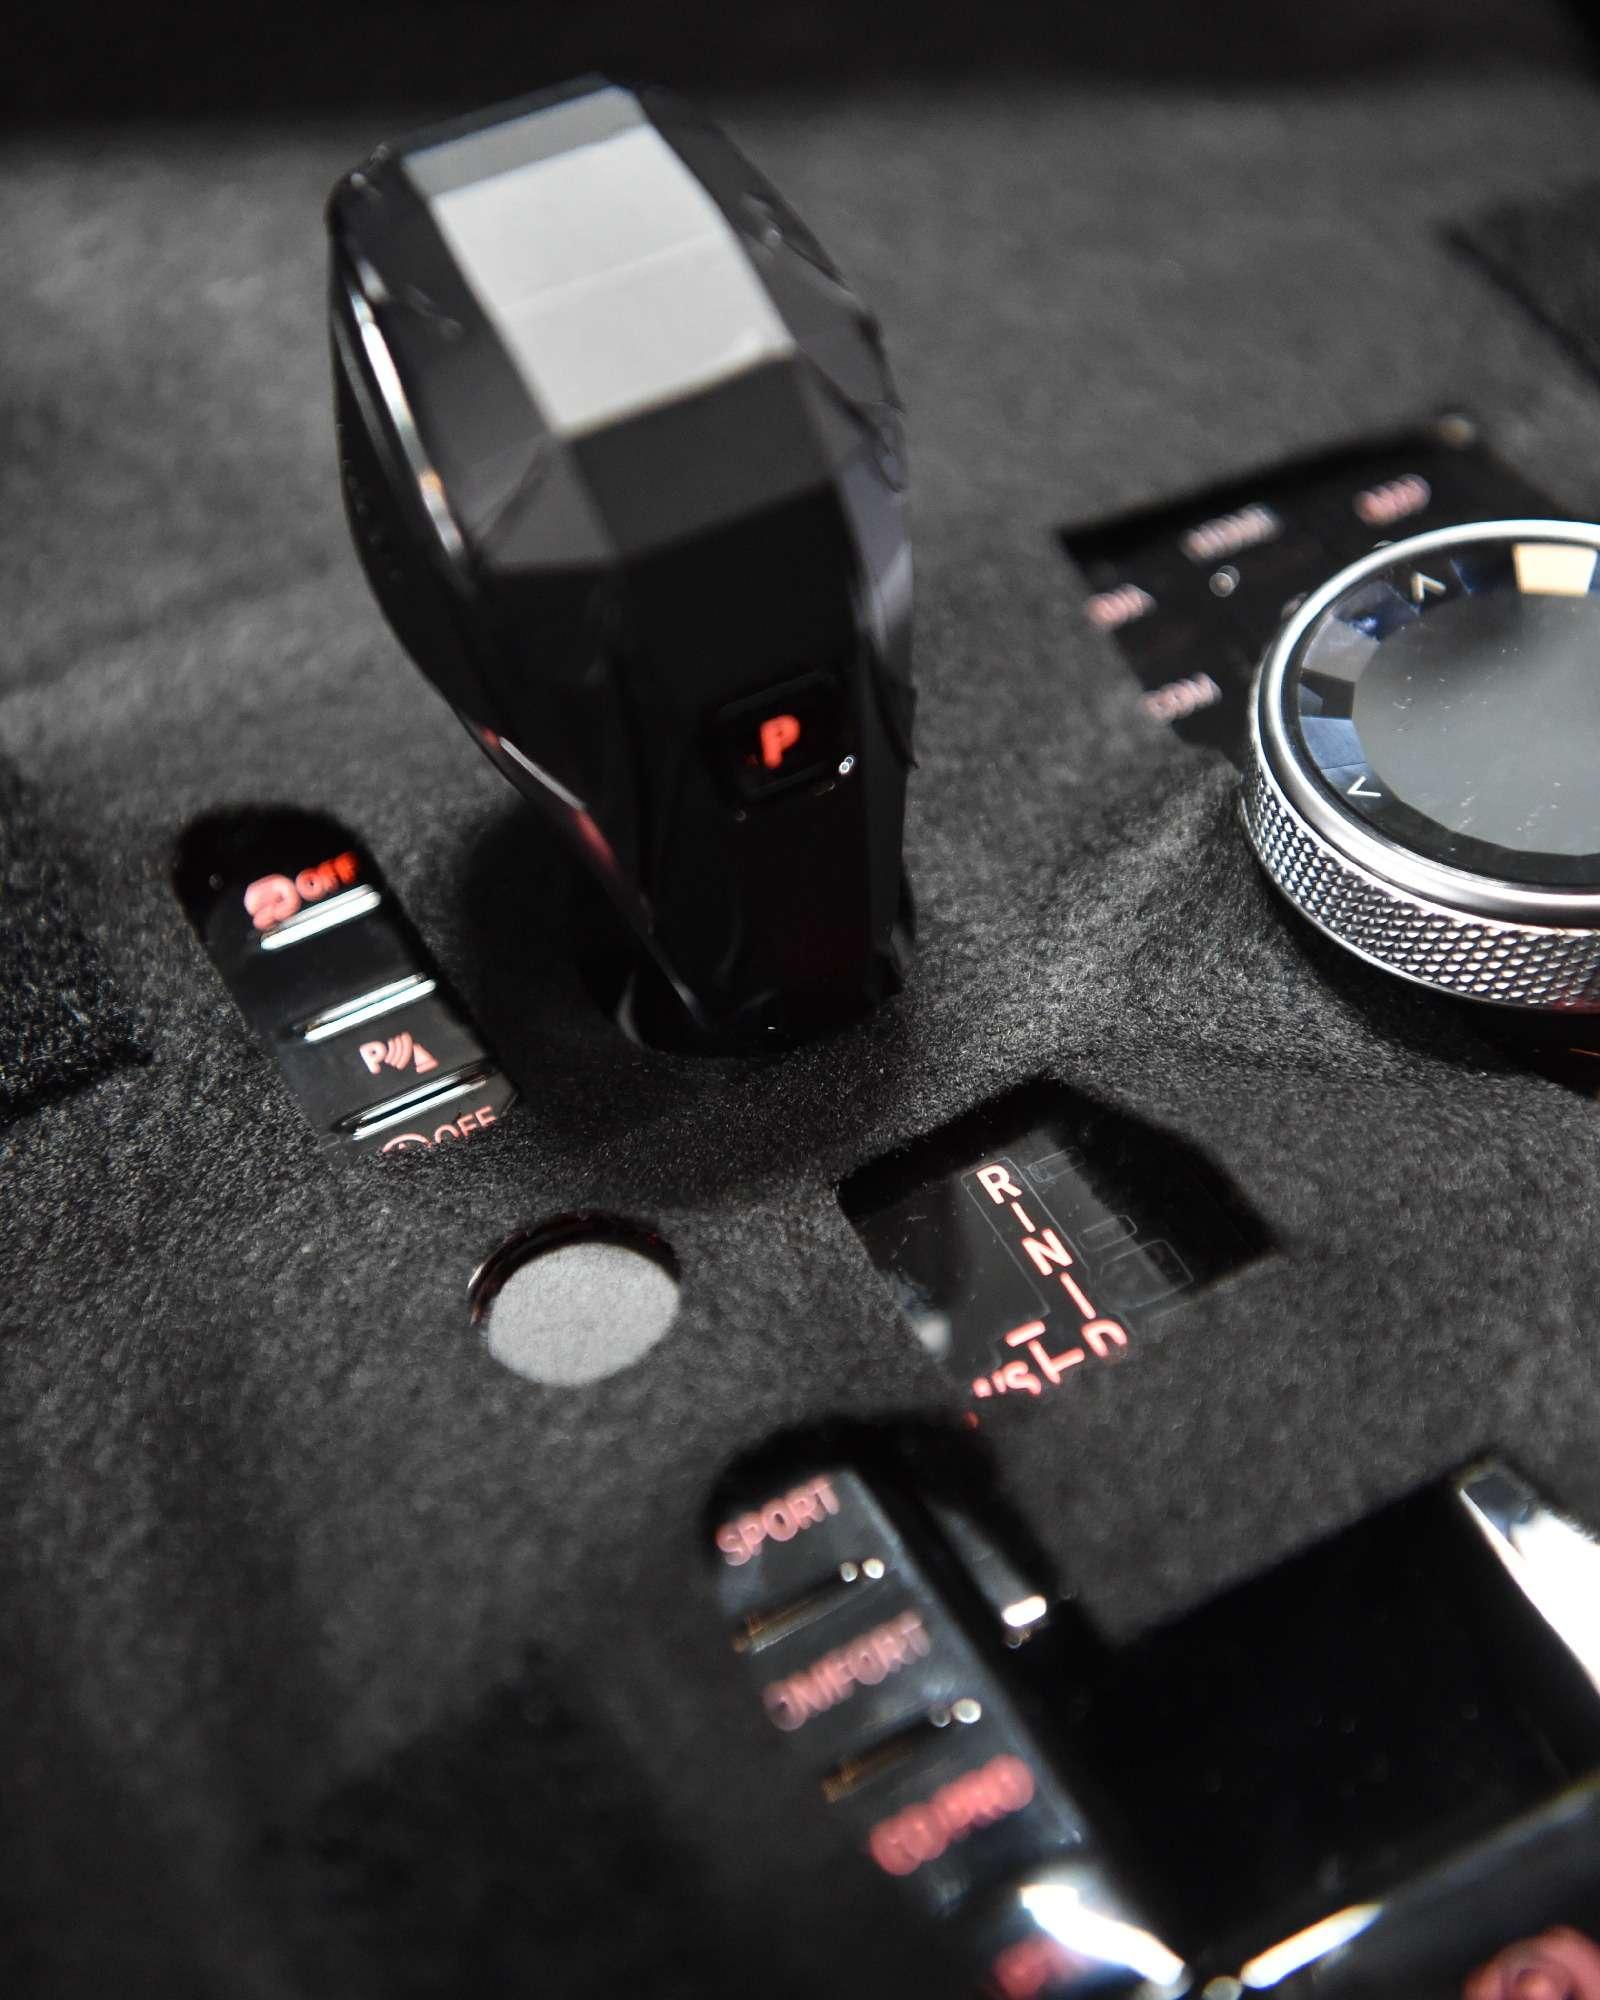 BMWX7встал наконвейер (нокупить его пока нельзя)— фото 828444